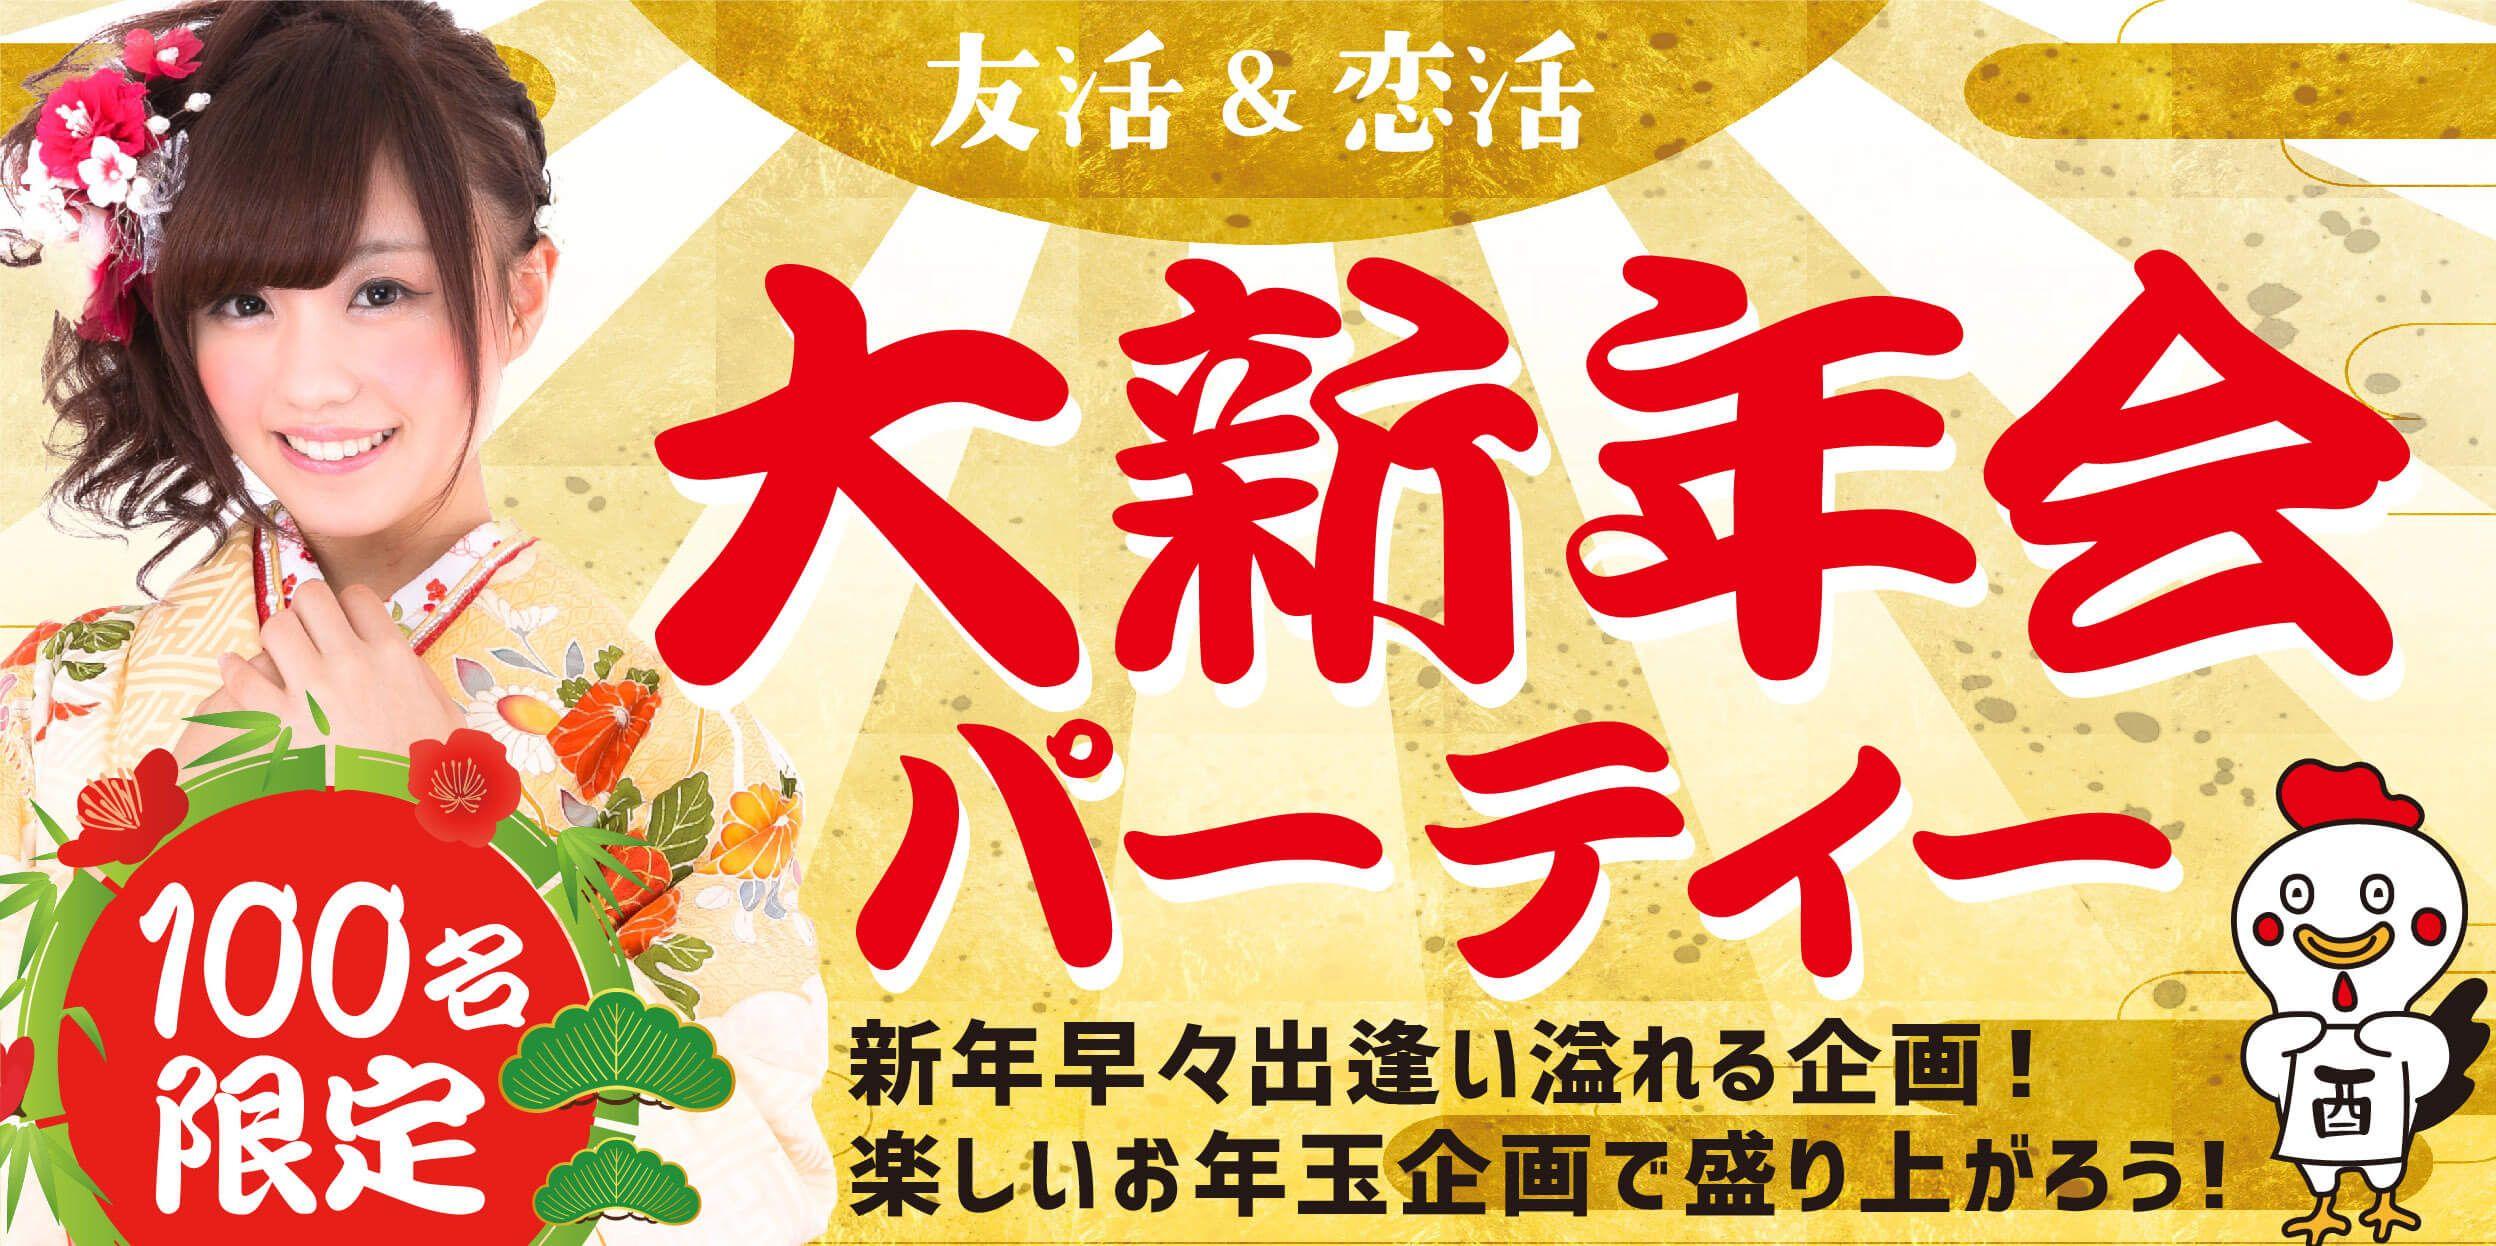 【岡山駅周辺の恋活パーティー】合同会社ツイン主催 2017年1月14日